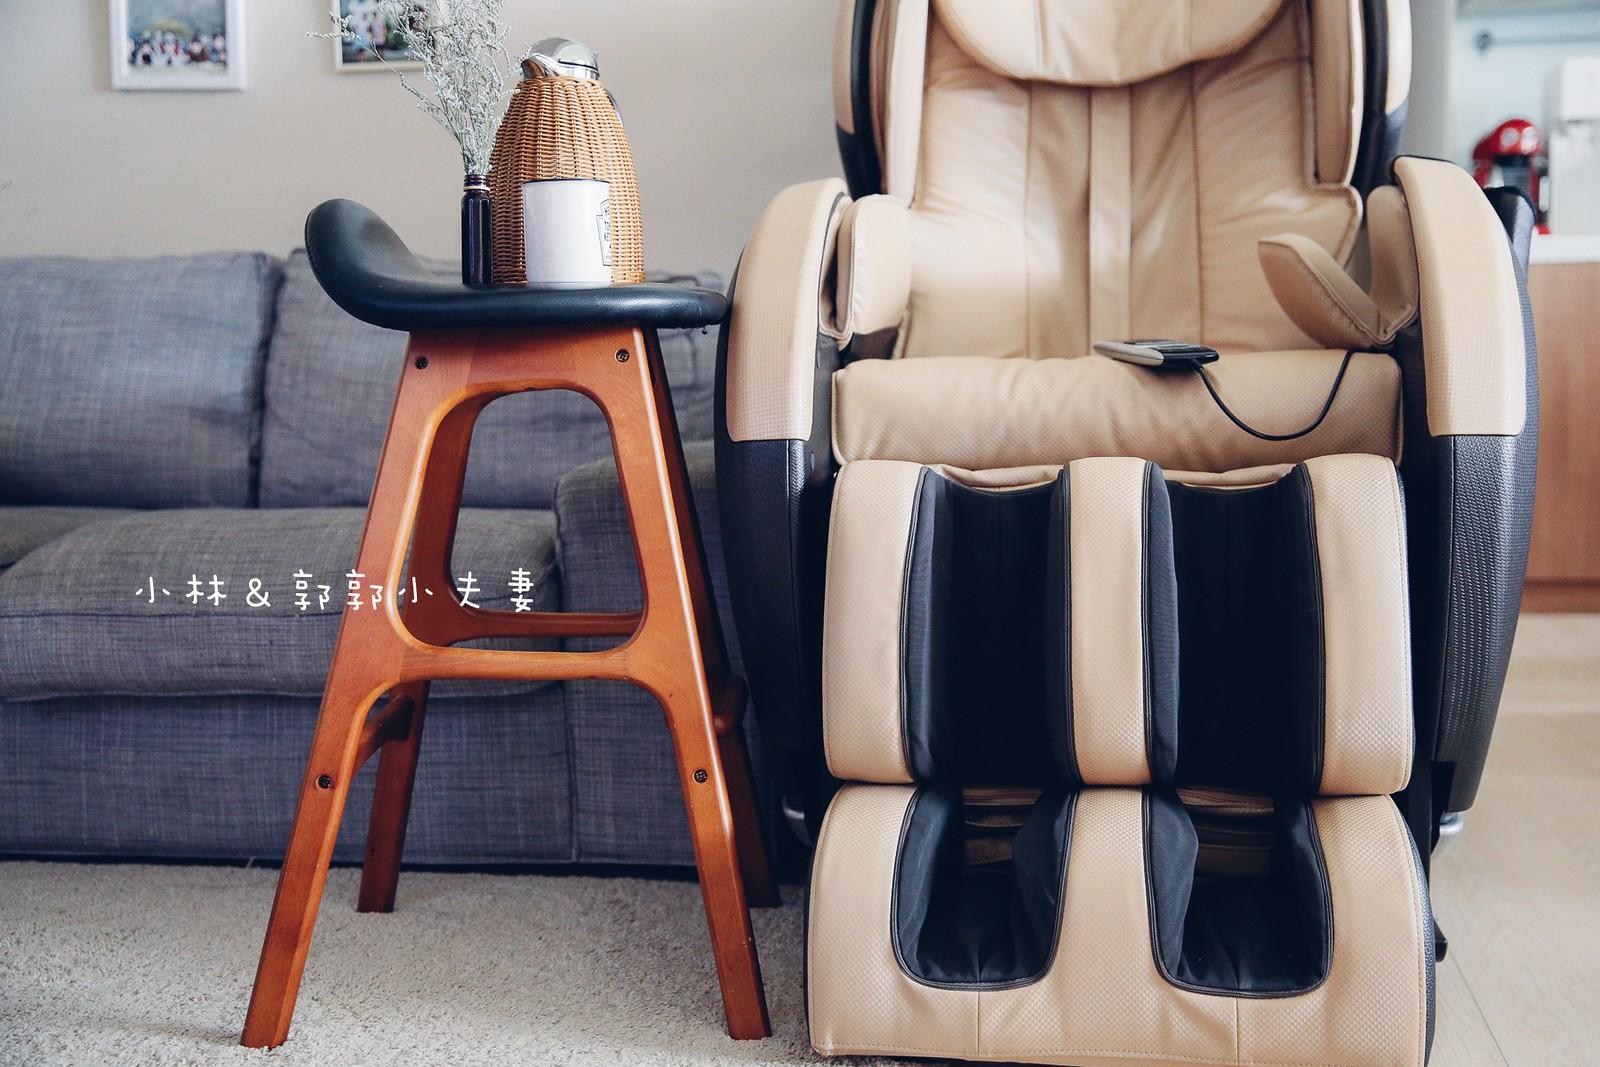 Có cần bảo dưỡng ghế massage định kì?